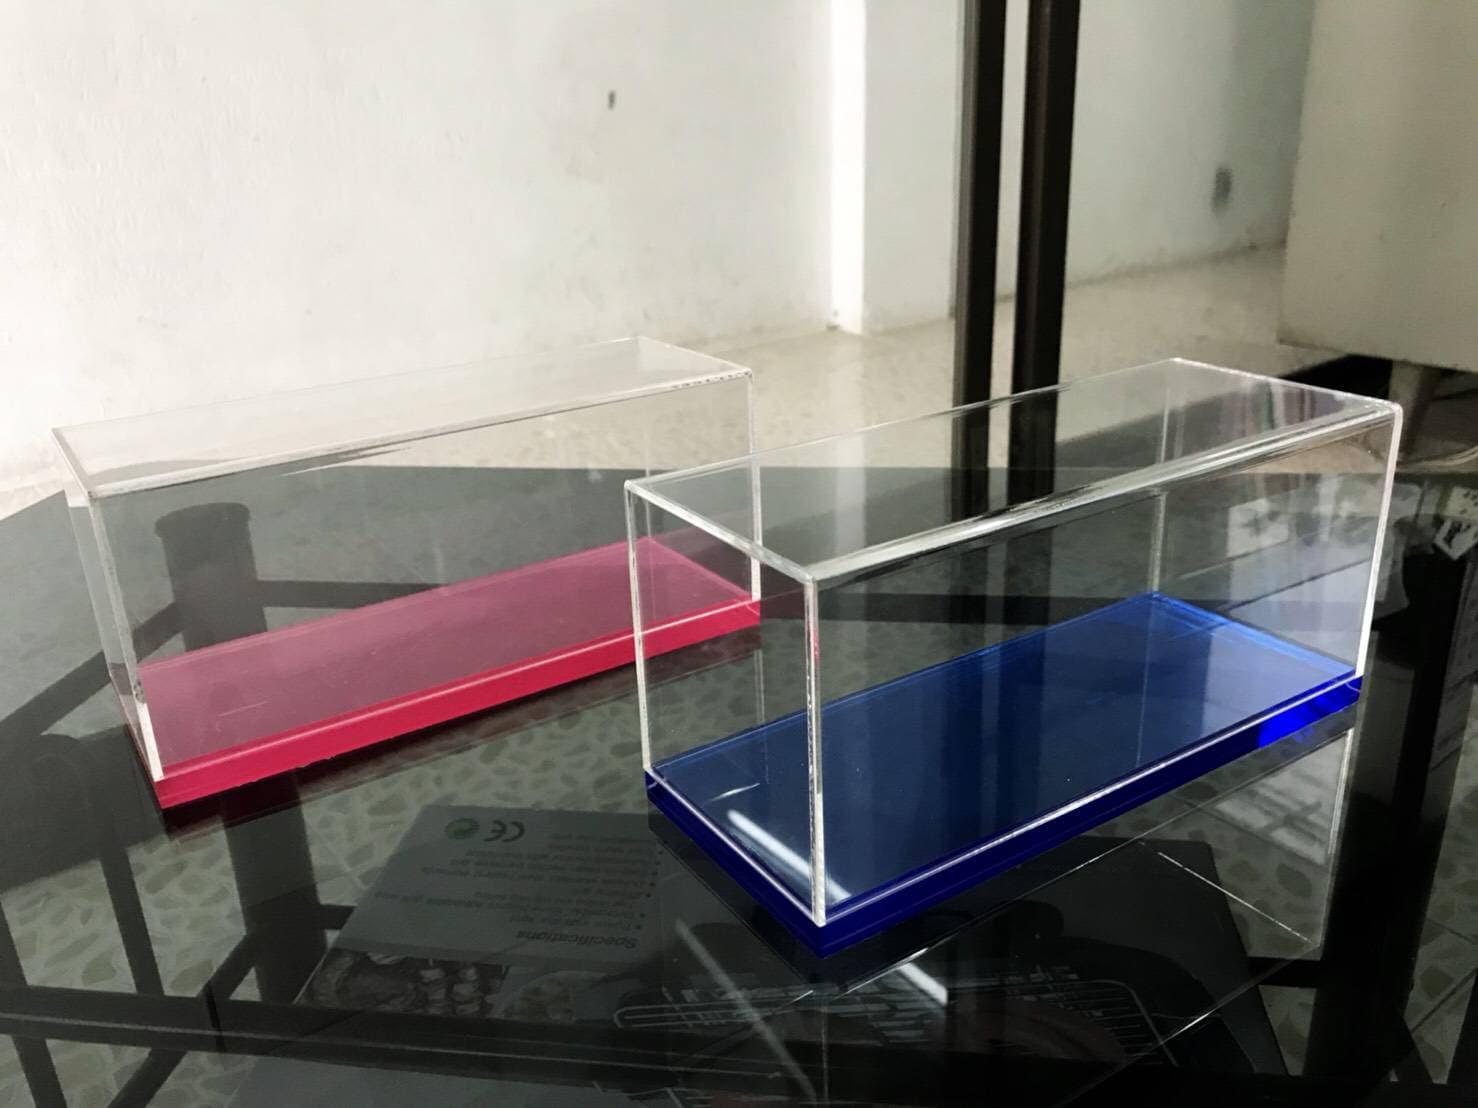 กล่องโมเดล มีสี น้ำเงิน/ชมพู อย่างละ10 กล่อง ขนาด10x25x10cm ฟรีส่ง จำนวนจำกัด